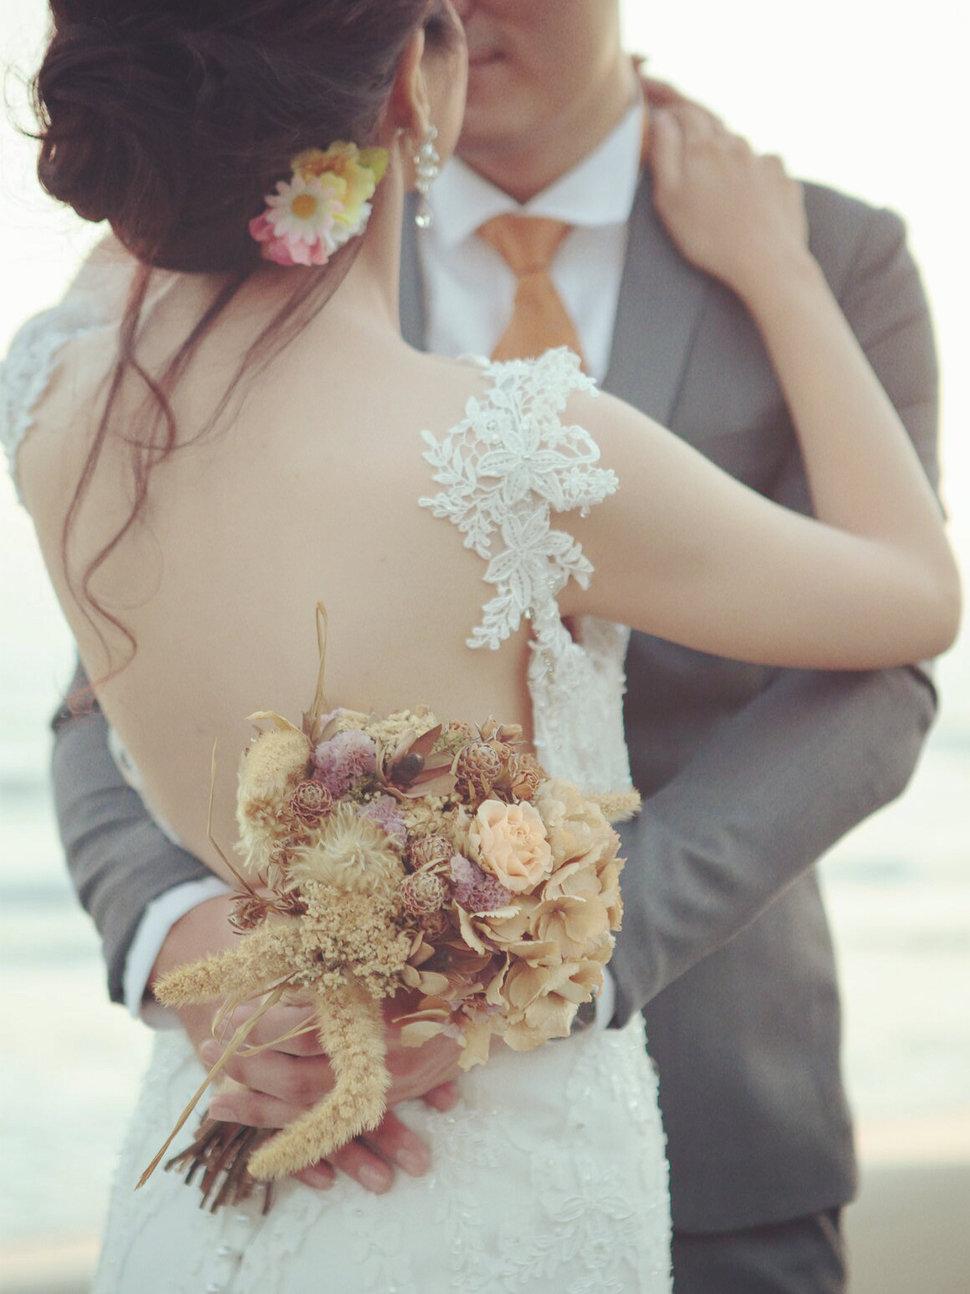 自助婚紗(編號:428164) - MeraLin b.d. - 結婚吧一站式婚禮服務平台